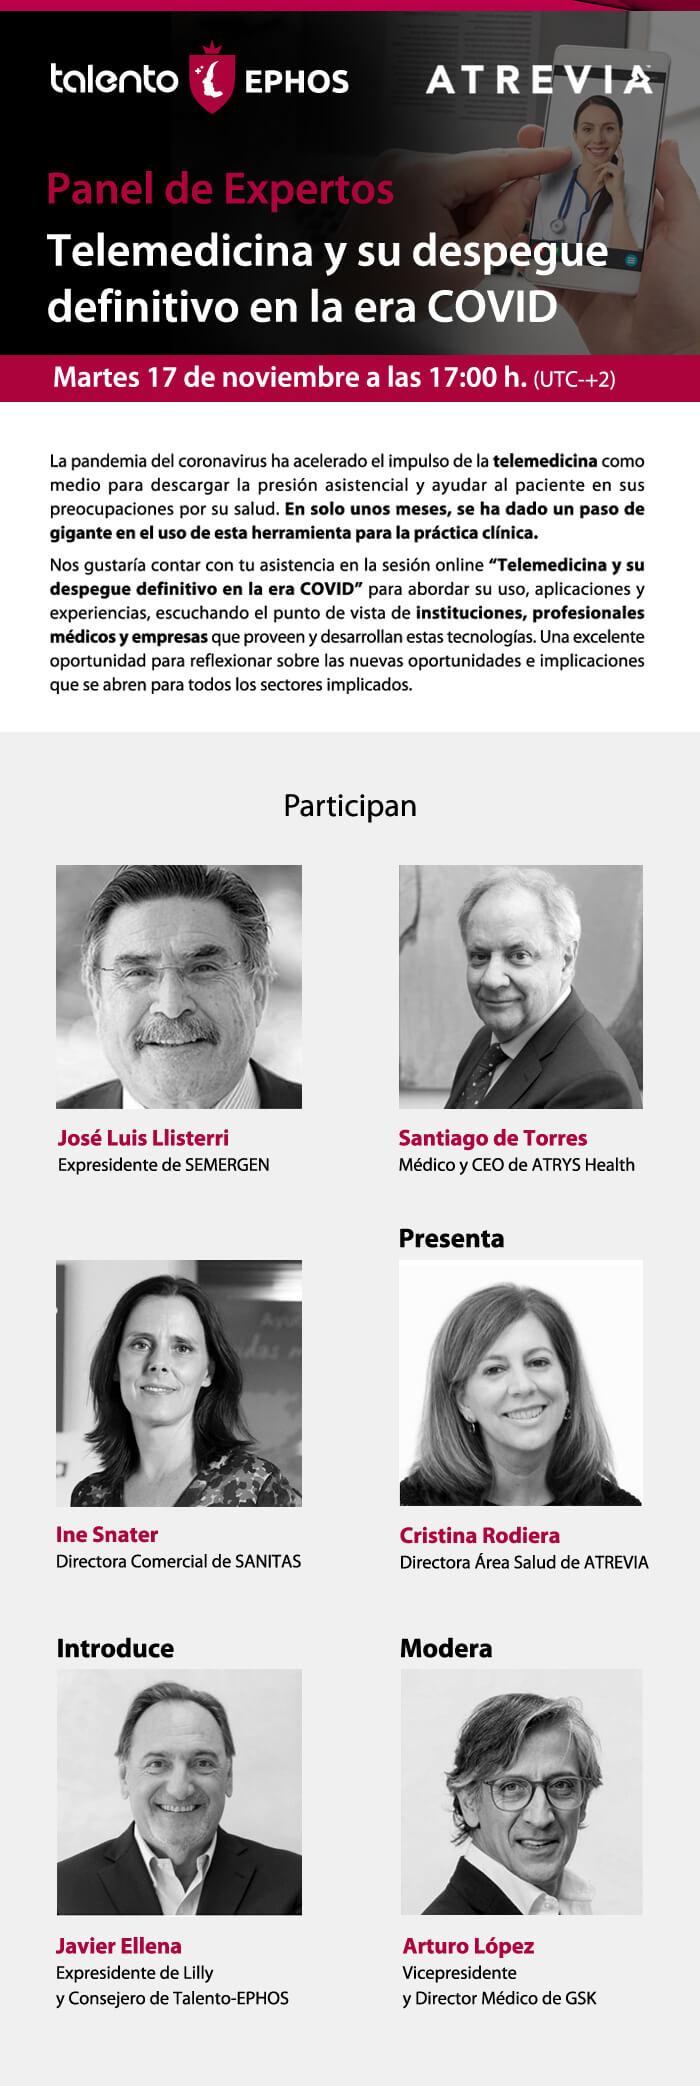 Panel de Expertos: Telemedicina y su despegue definitivo en la era COVID